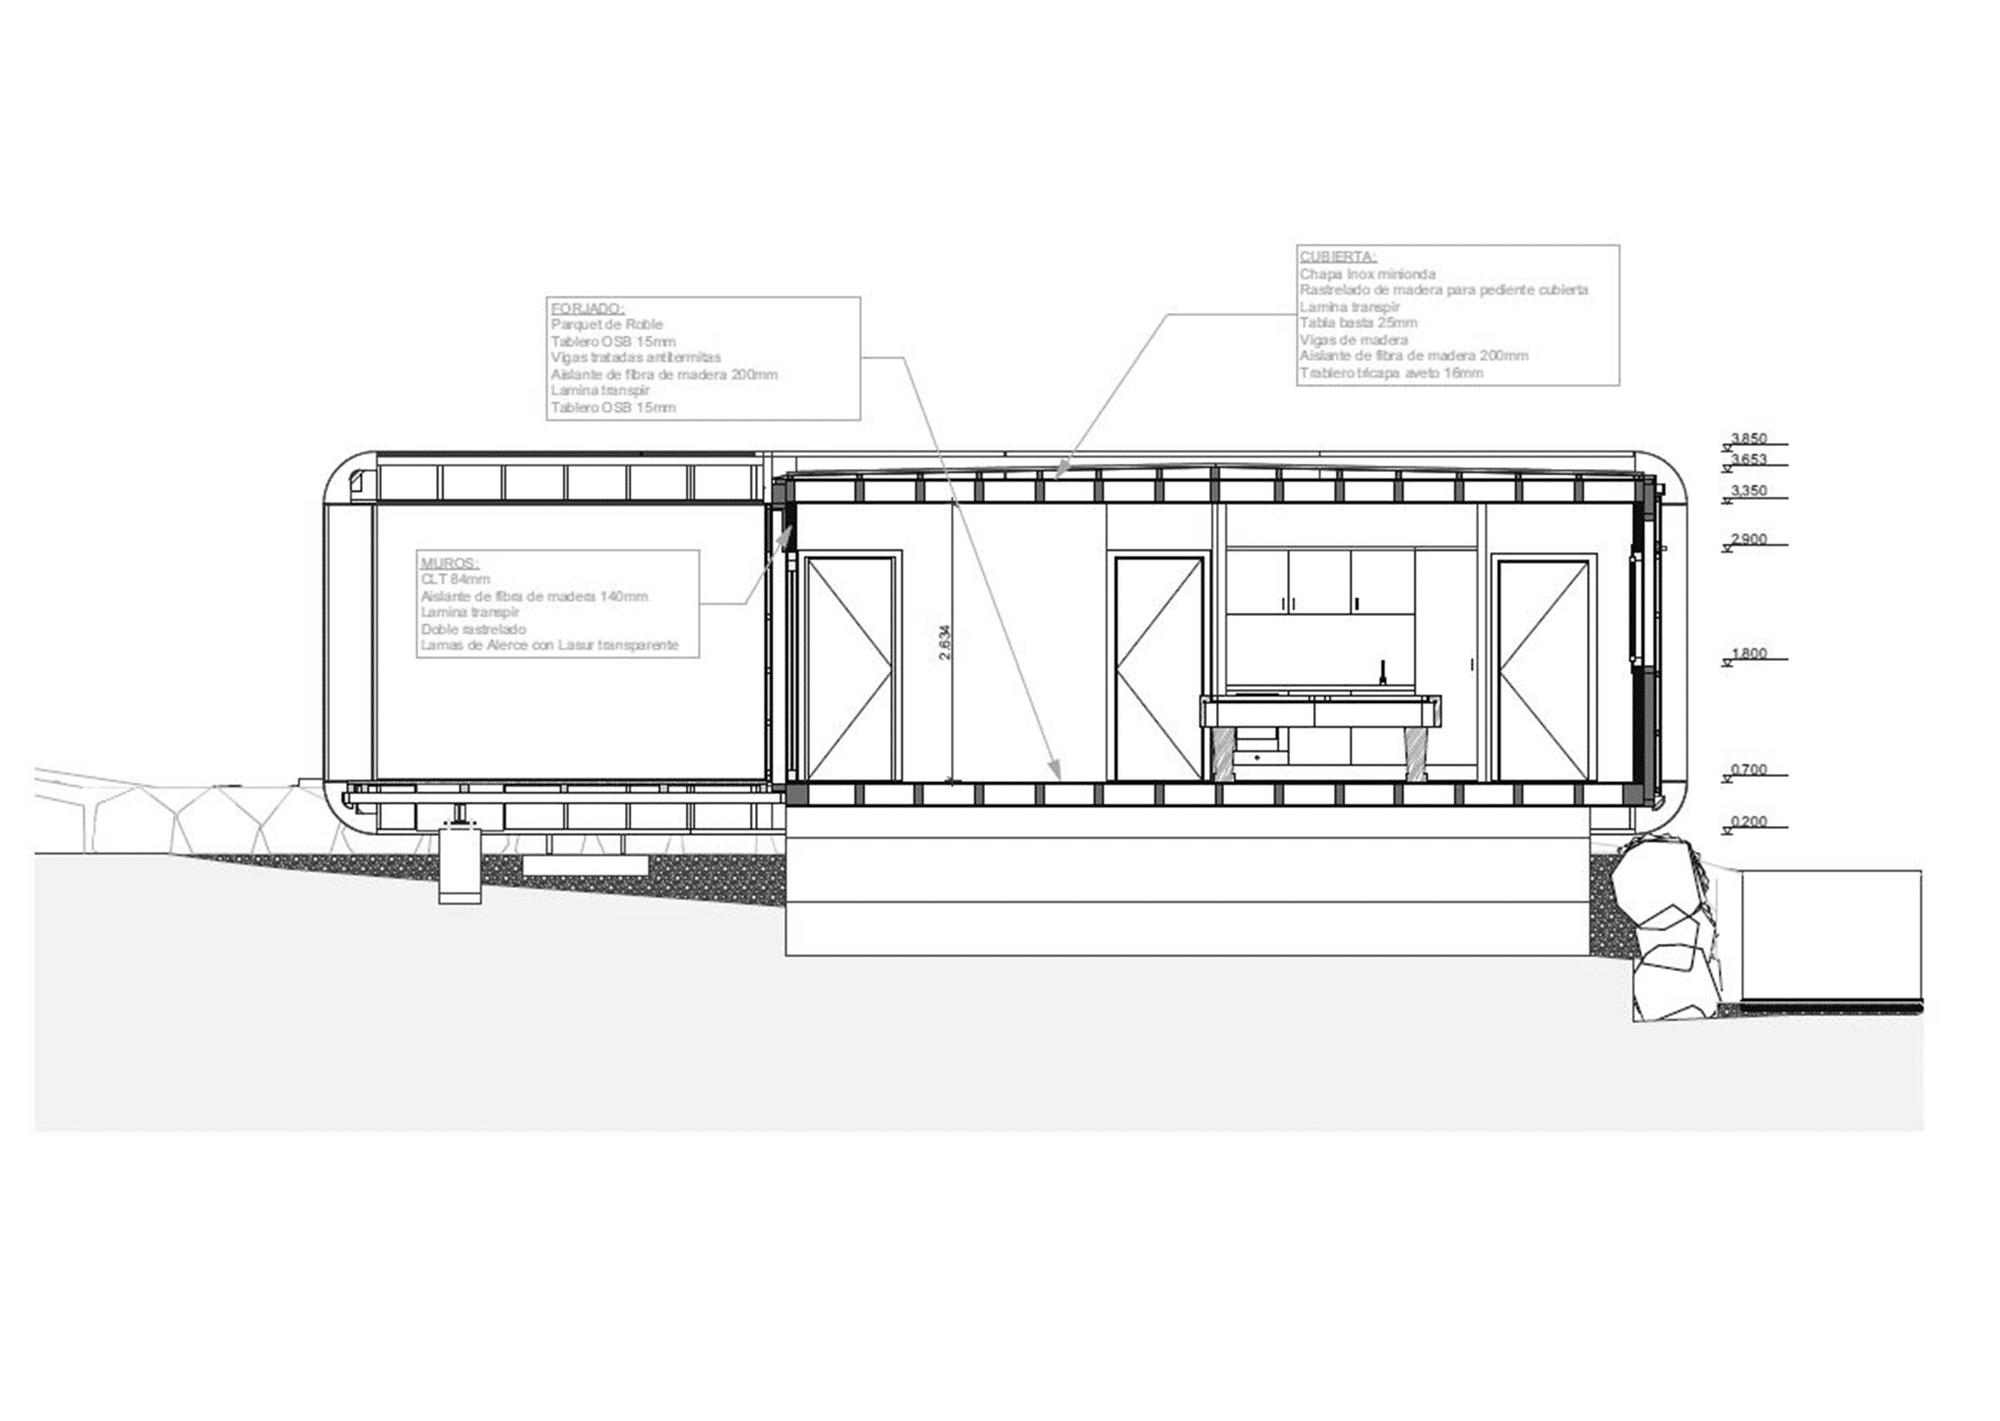 diseño de casa ecológica y tecnológica 3.0 | construye hogar